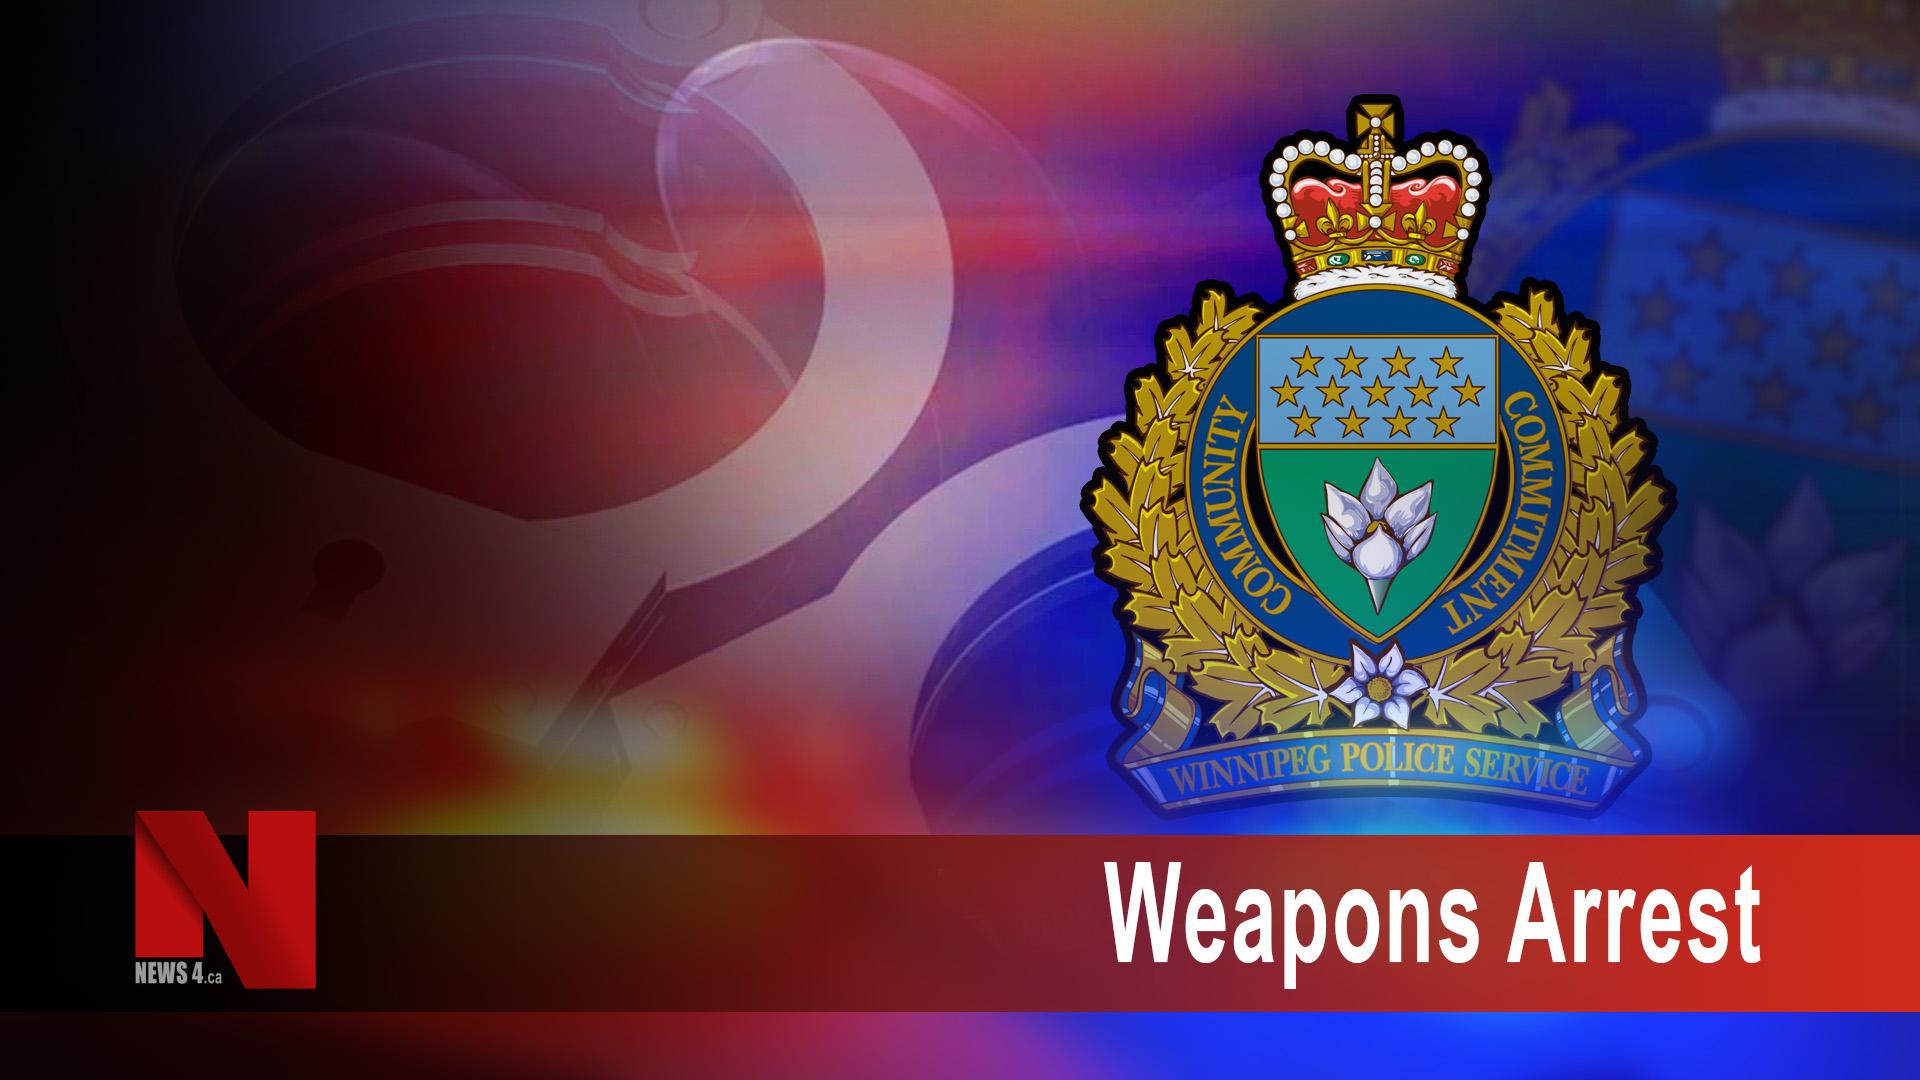 Weapons Arrest